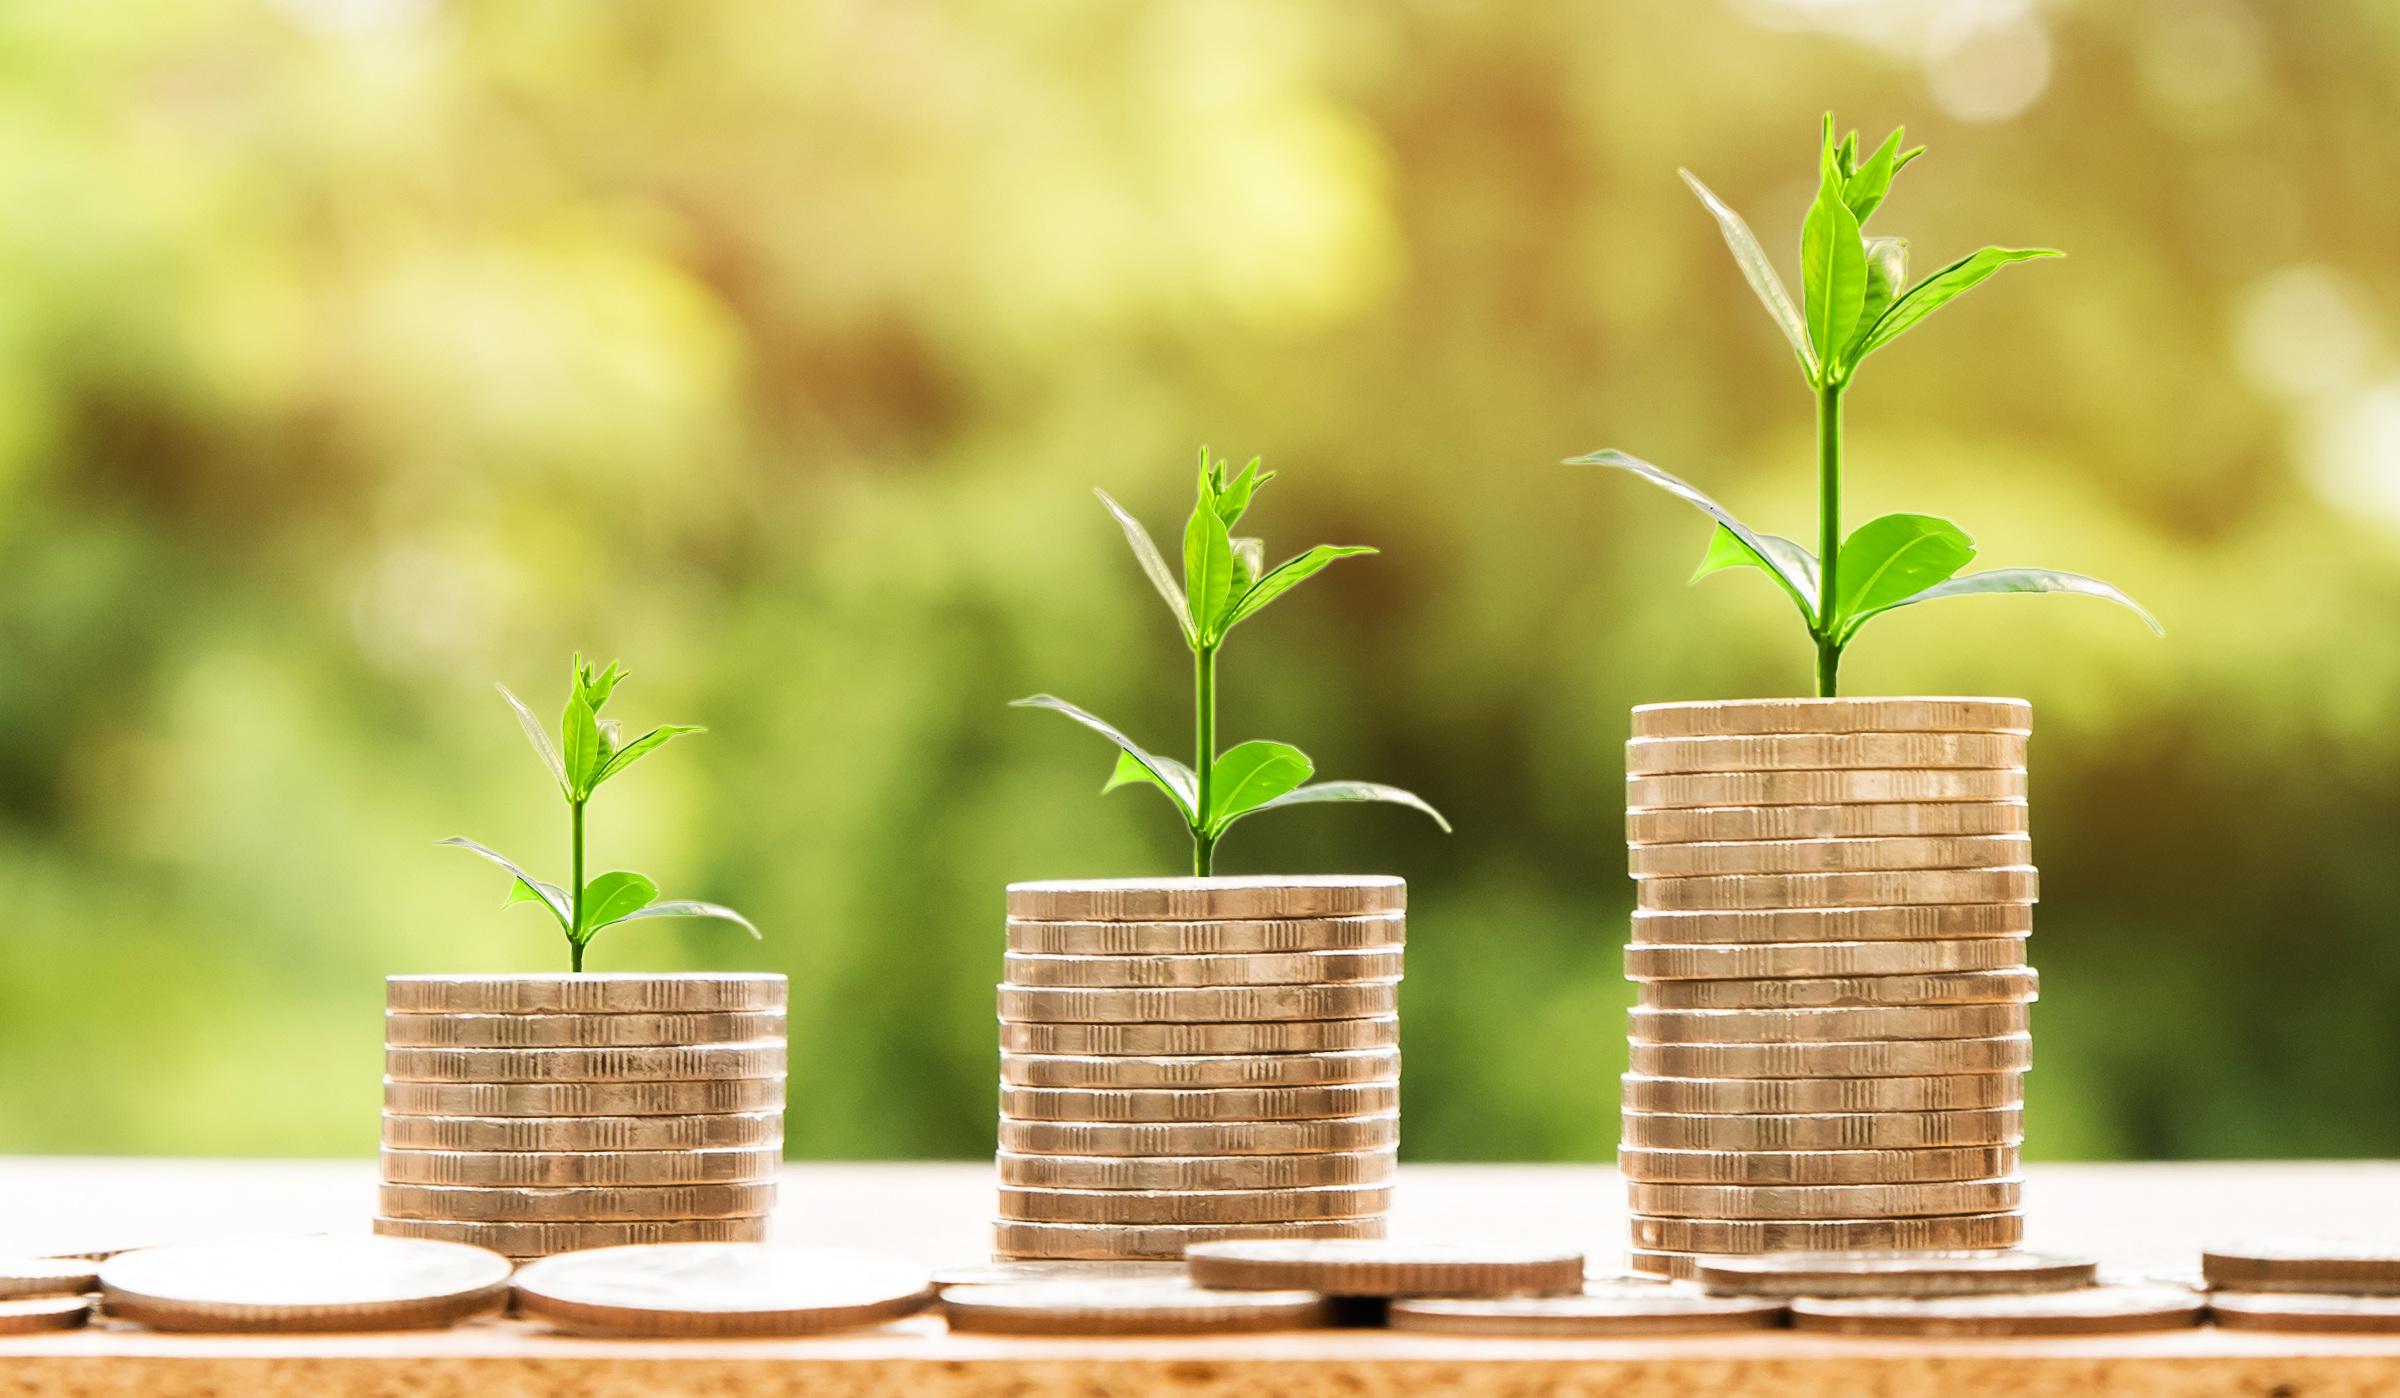 Nachhaltige Kriterien werden für die Kapitalanlage zunehmend wichtiger. Der Gesetzgeber legt den Marktakteuren daher neue Pflichten auf.